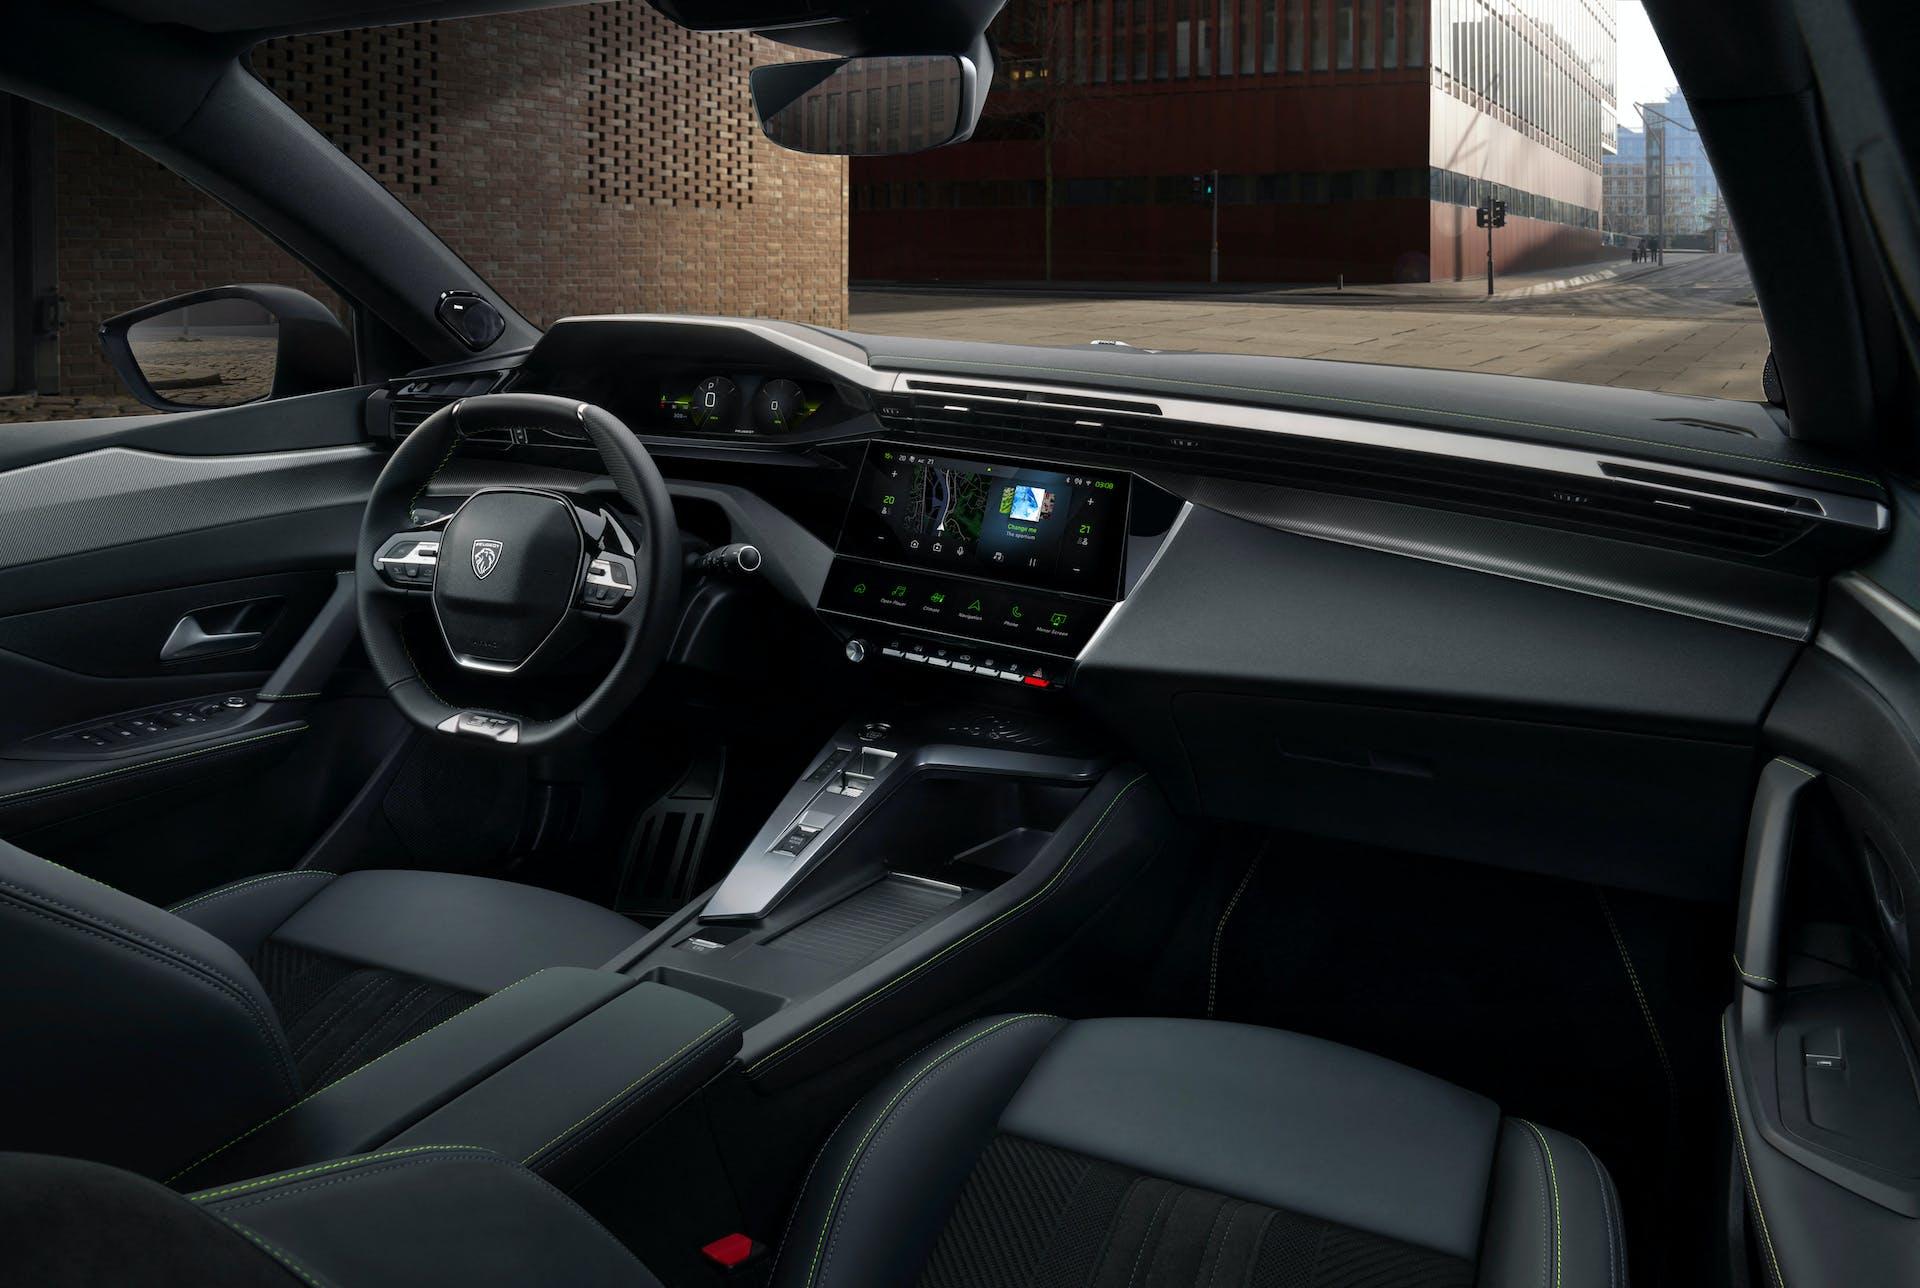 Abitacolo della nuova Peugeot 308, denominato i-Cockpit